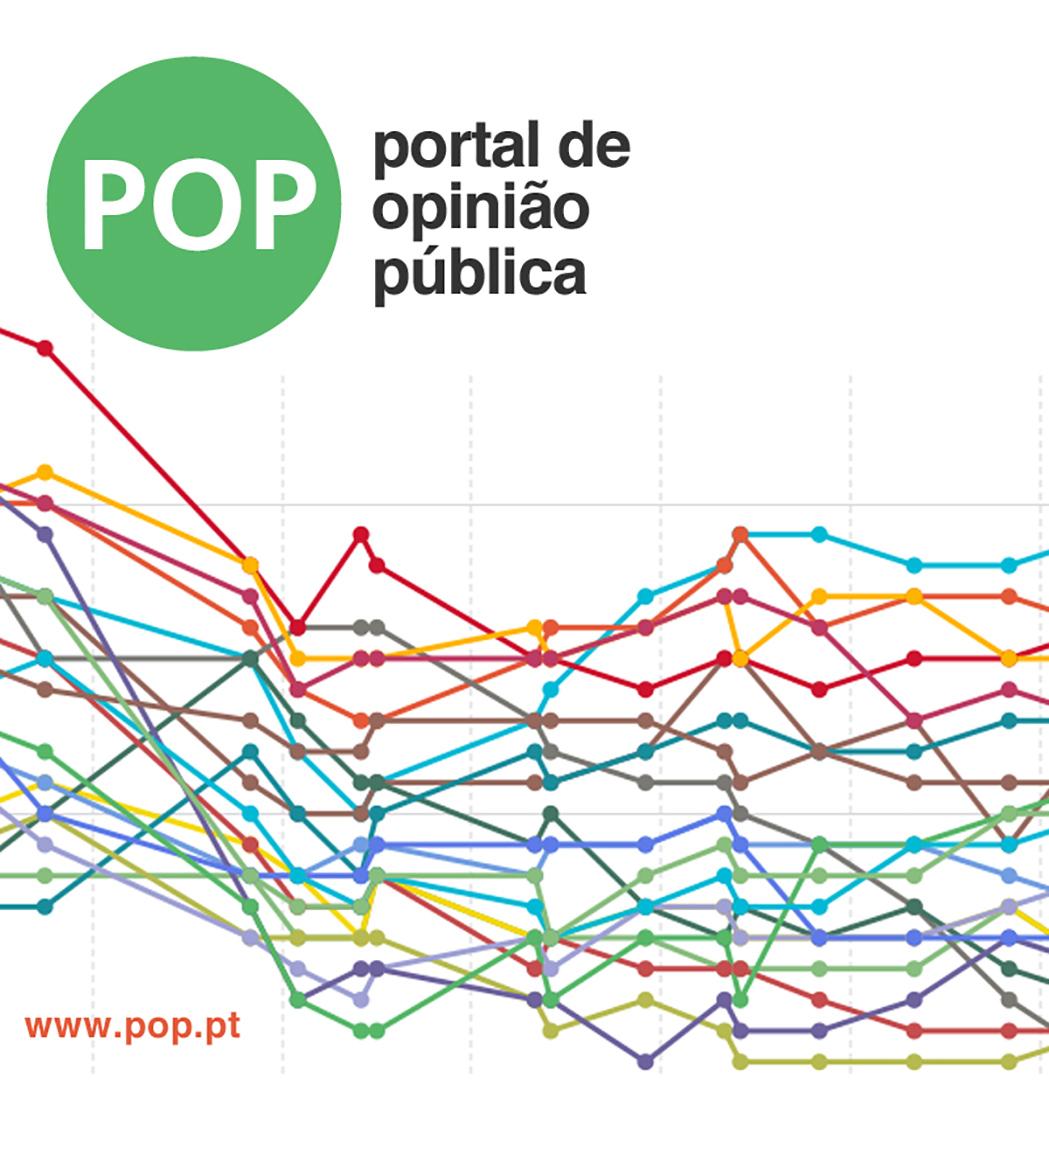 POP Portal de Opinião Pública